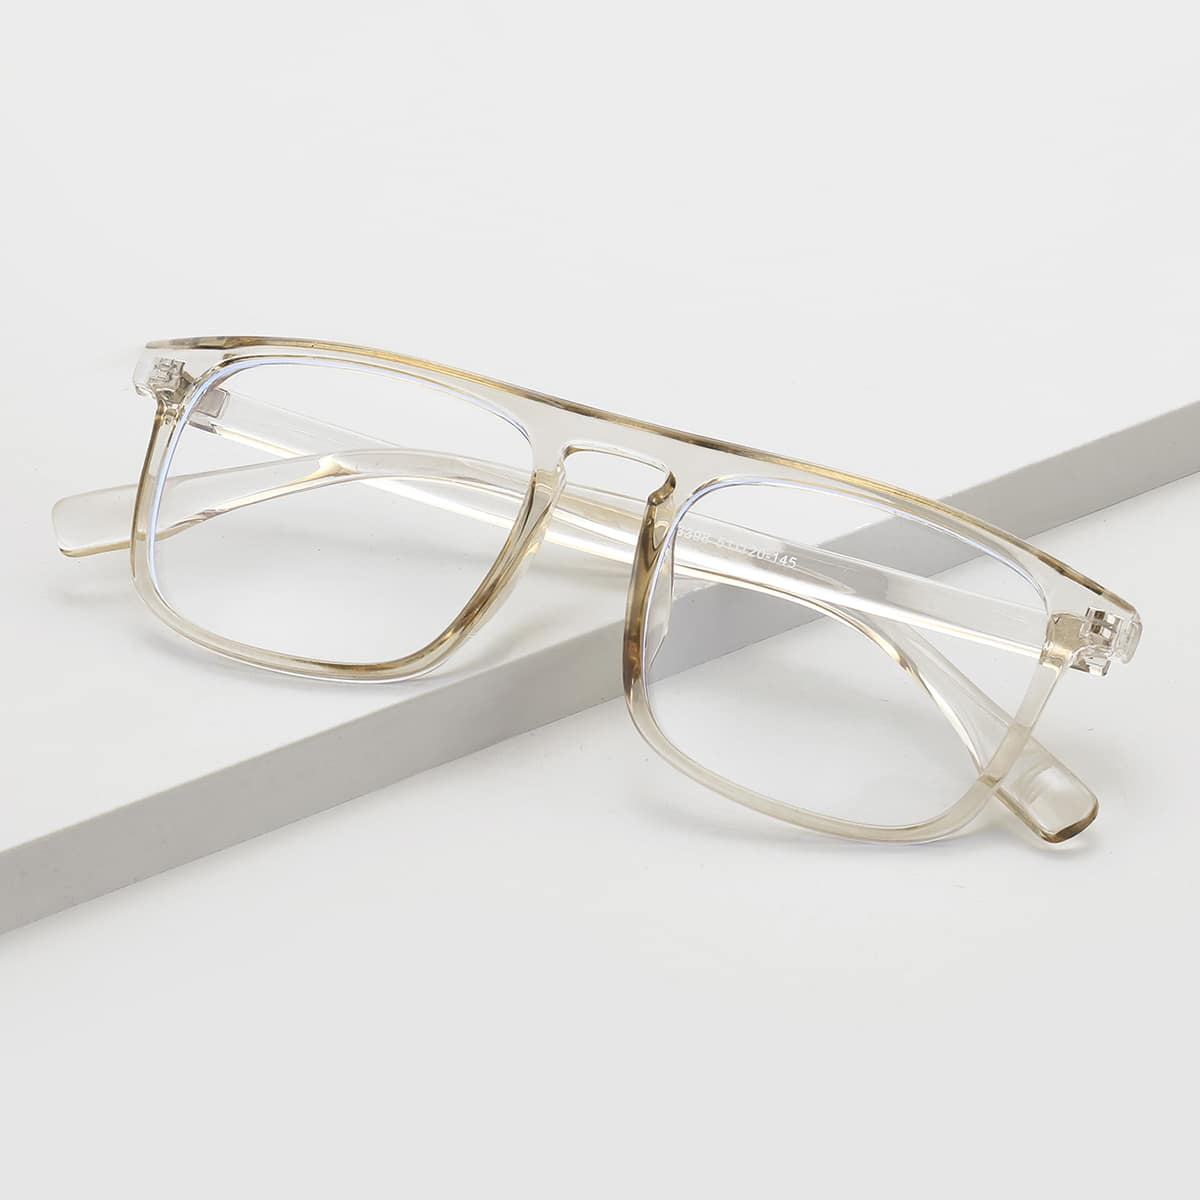 shein Mannen acryl montuur bril